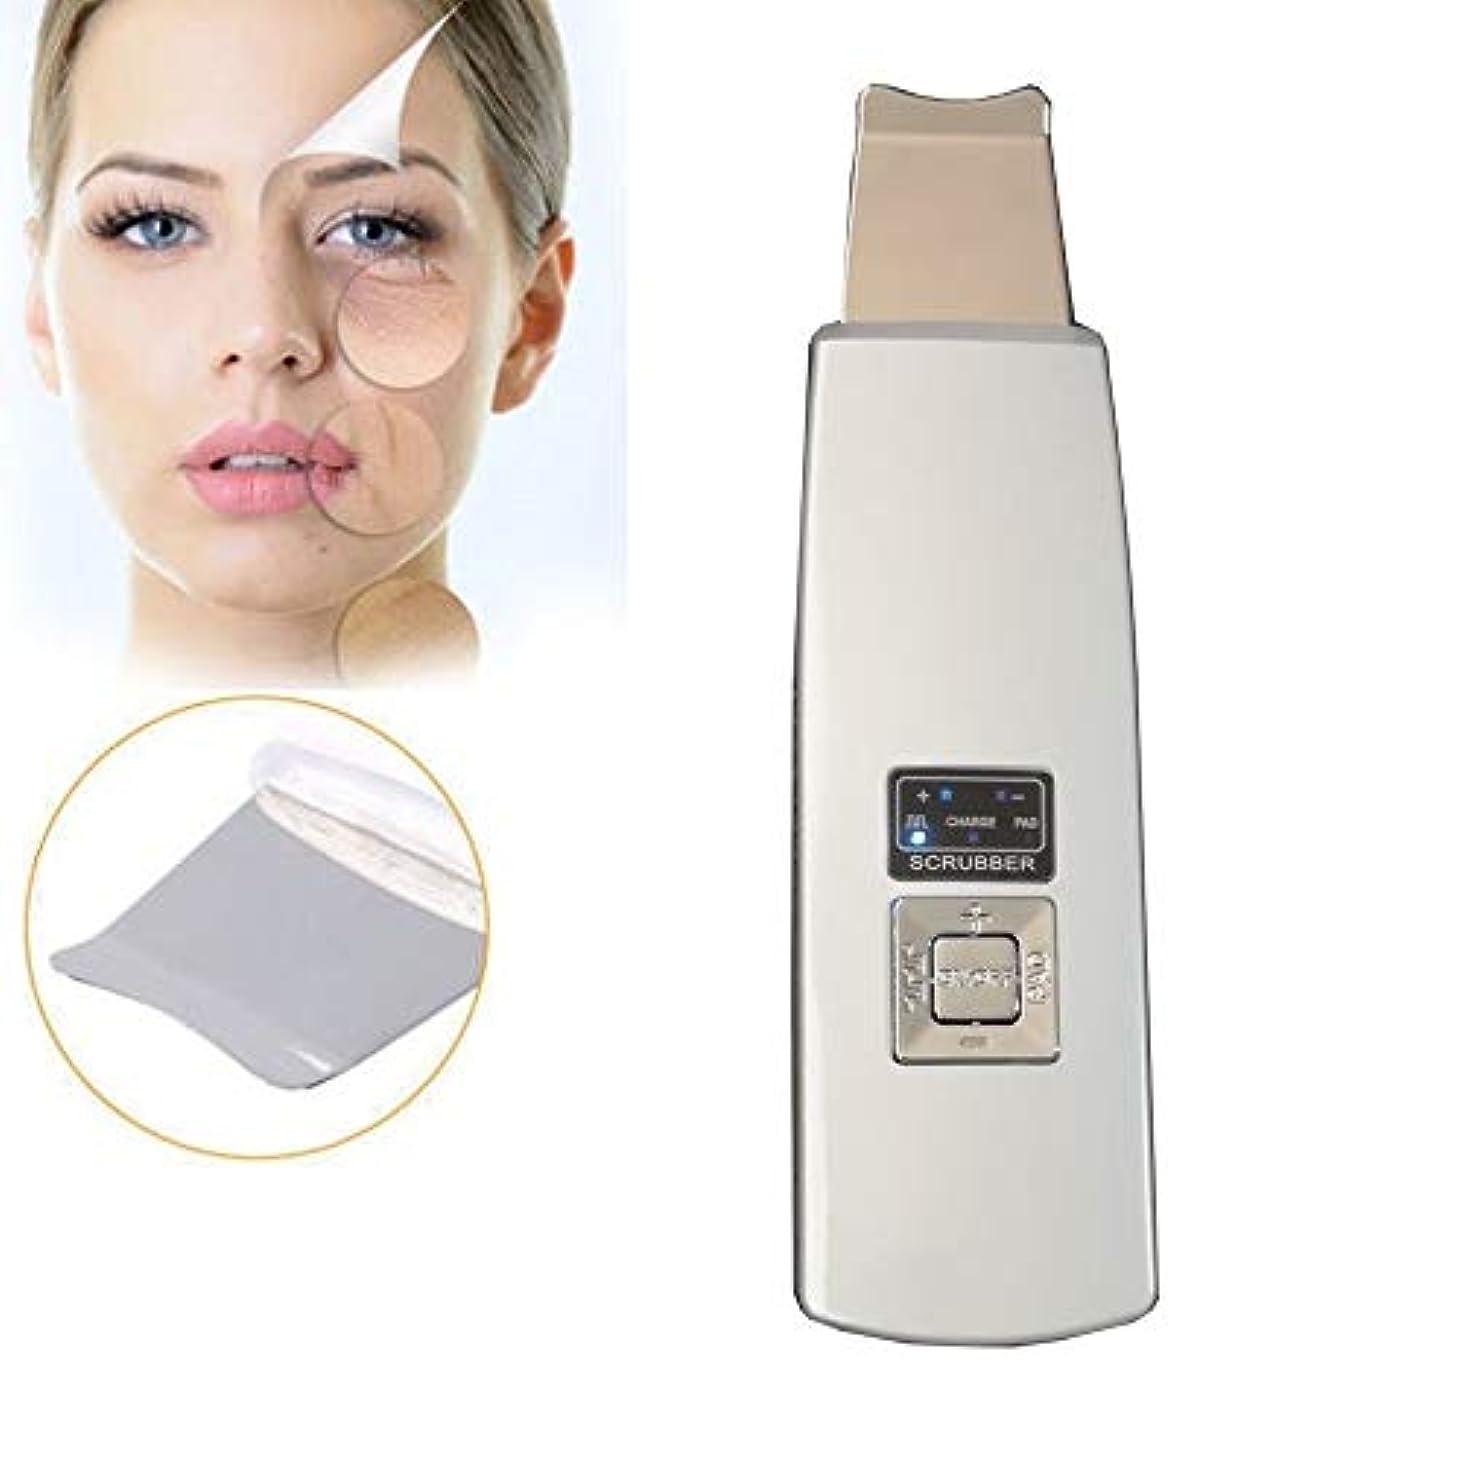 取り替える文明化ディベート顔の皮膚のスクラバー、ポータブル?フェイシャル超音波超音波イオンスキンケアスクラバーデバイス美容機は、ブラックヘッド面皰死んだ皮膚の除去を削除する方法